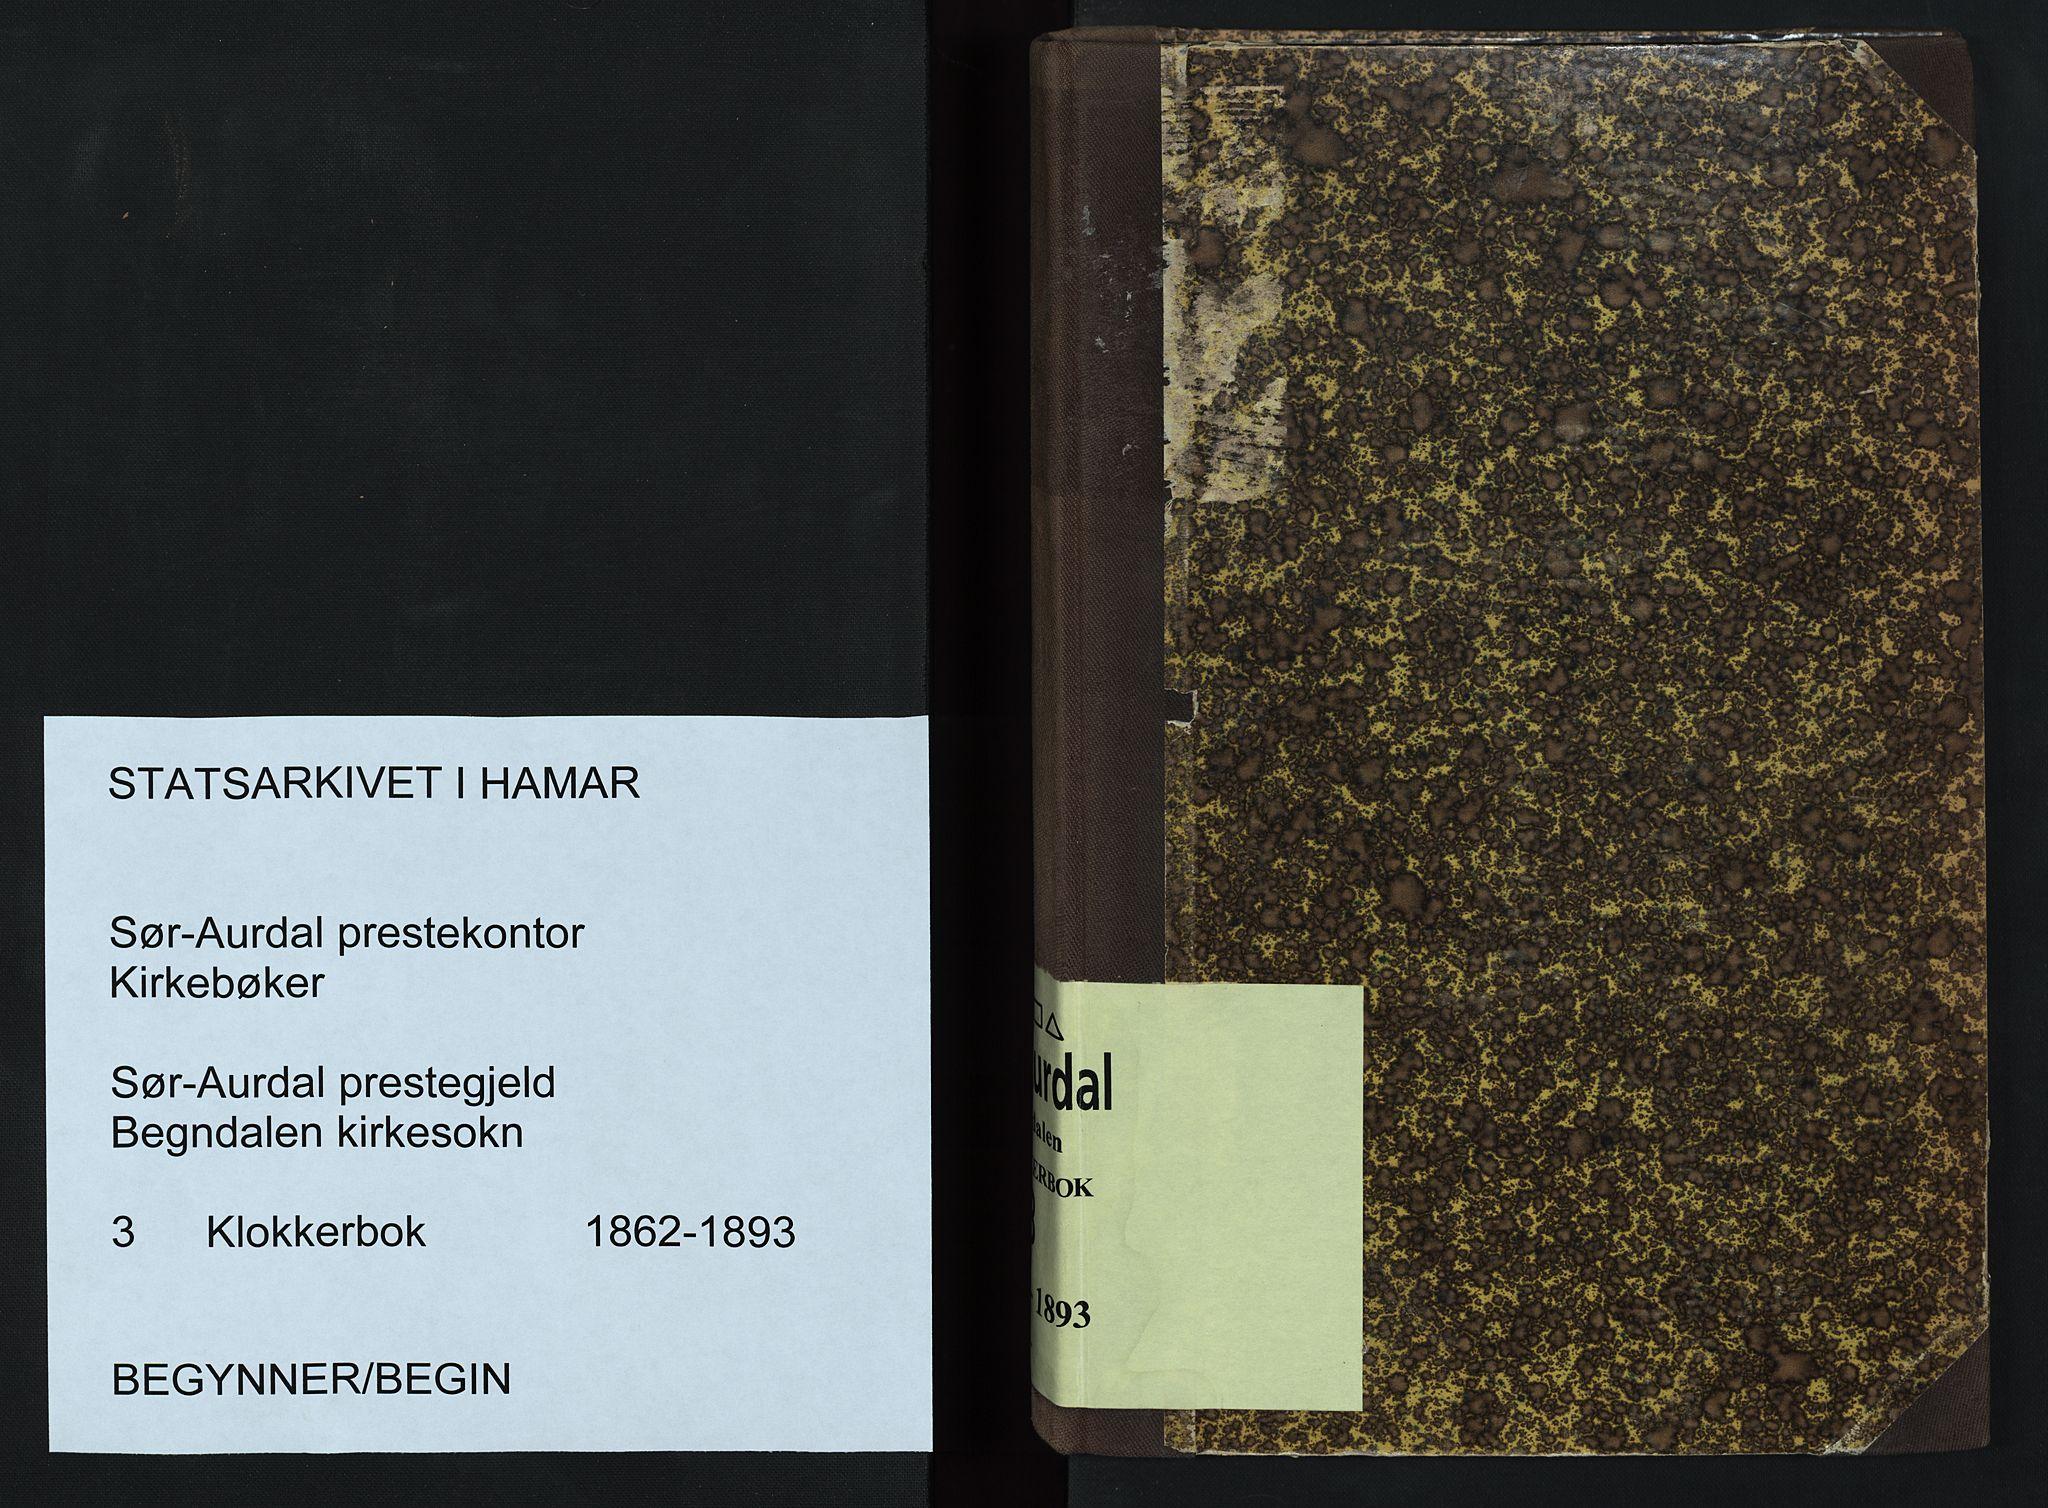 SAH, Sør-Aurdal prestekontor, Klokkerbok nr. 3, 1862-1893